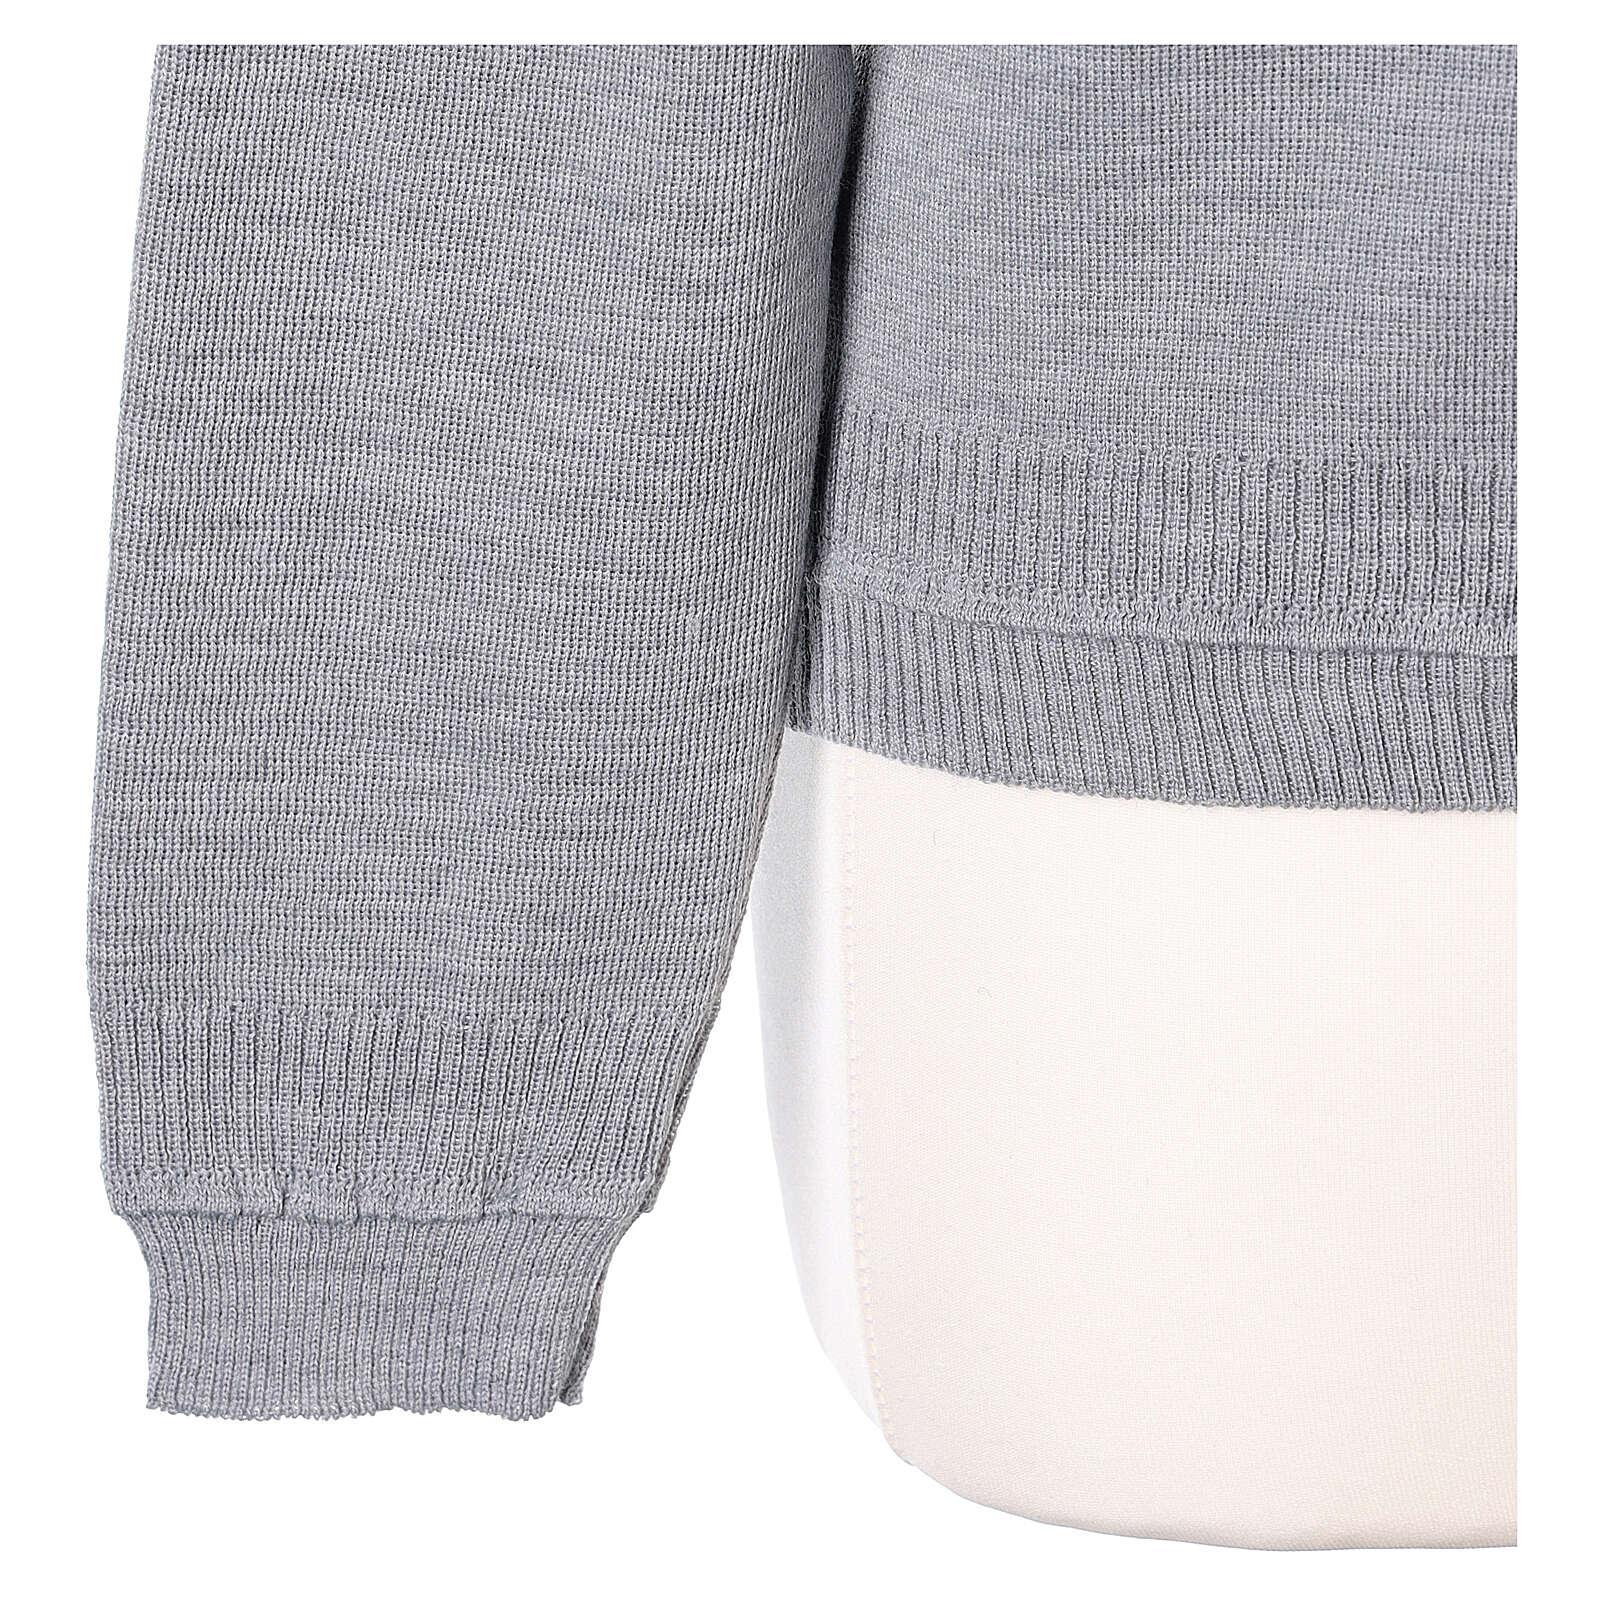 Short grey cardigan 50% merino wool 50% acrylic for nun In Primis 4